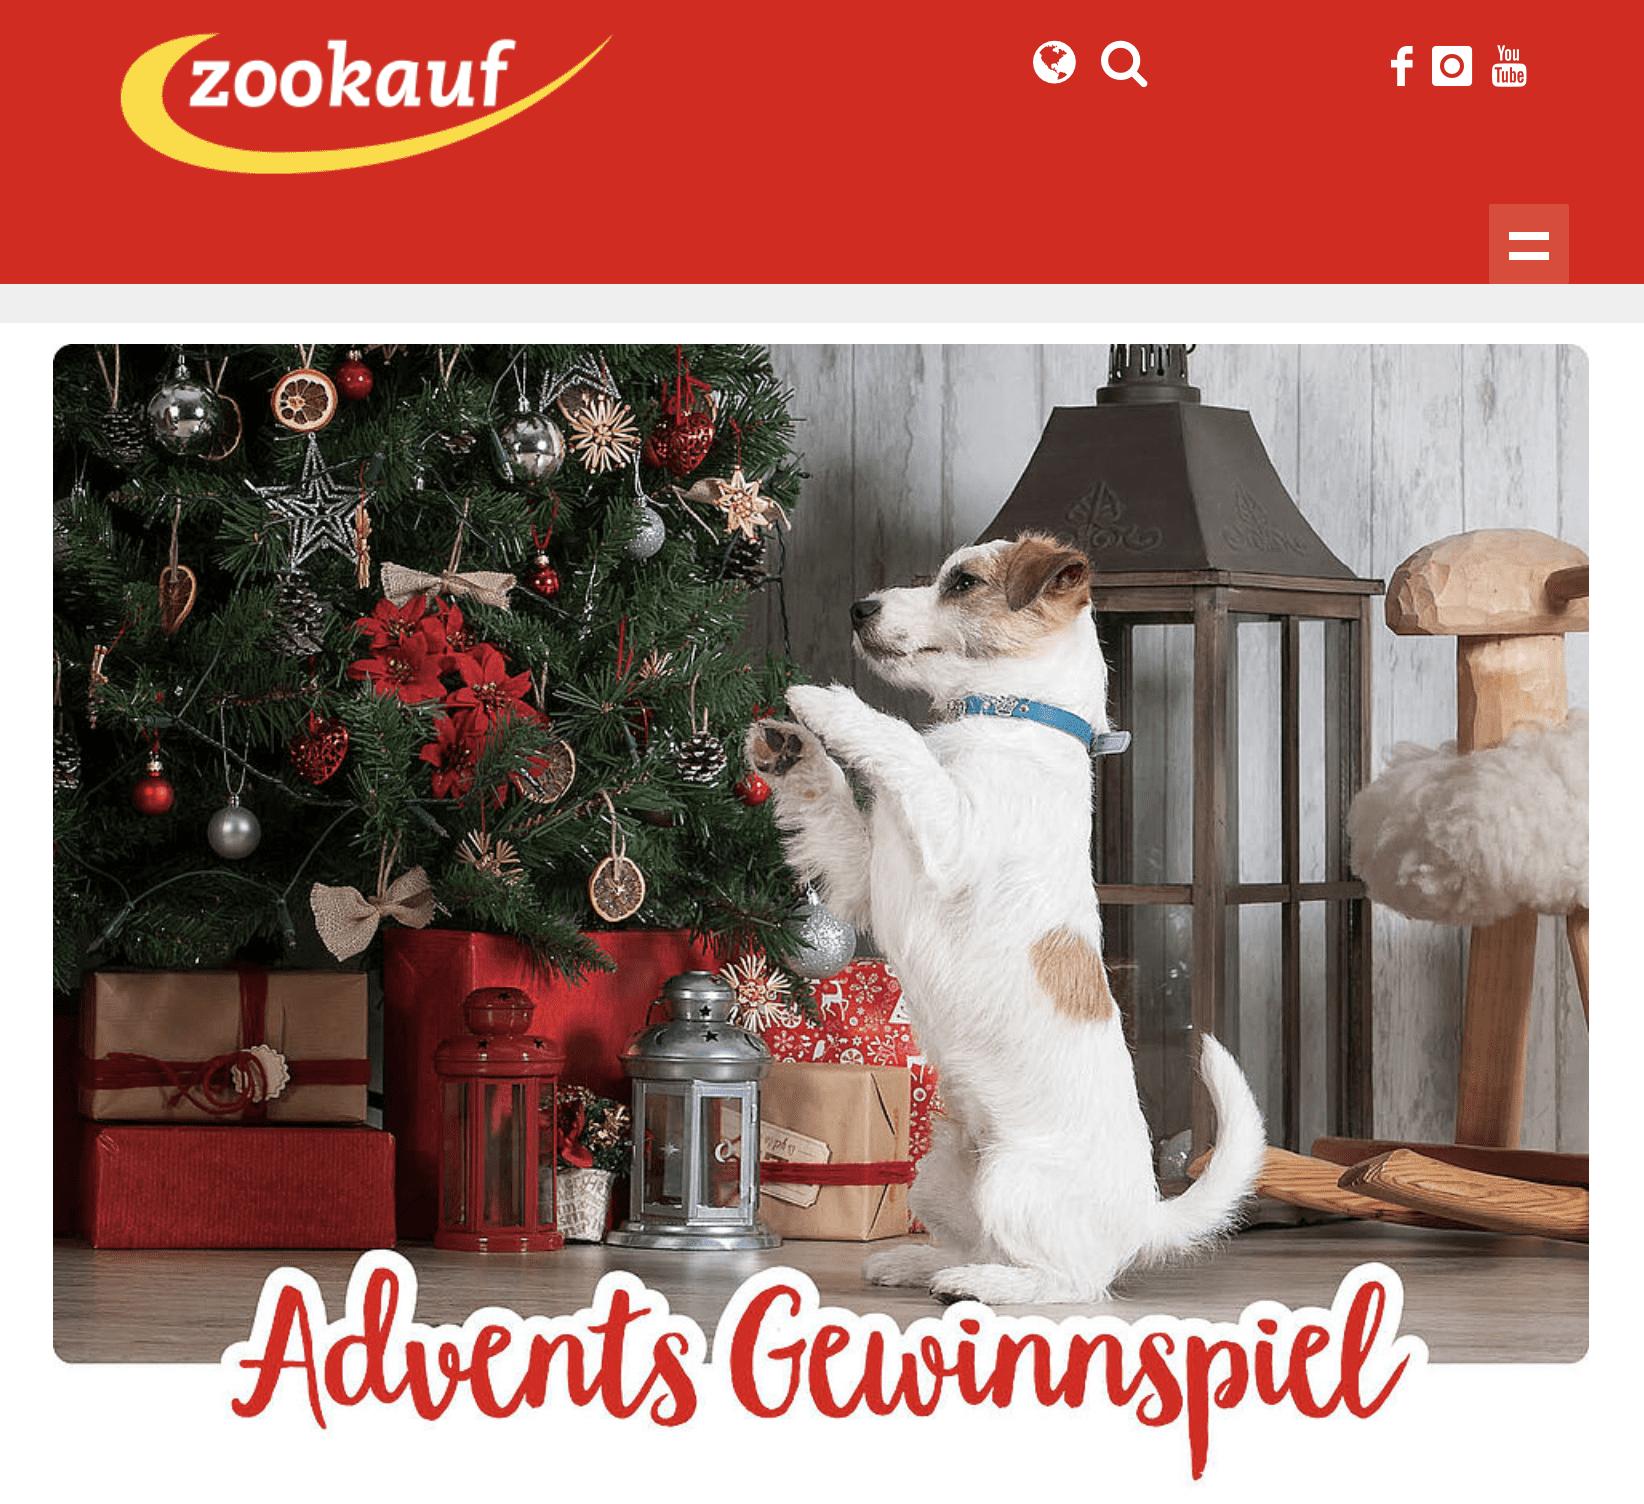 Zookauf Cases Adventskalender-Gewinnspiel